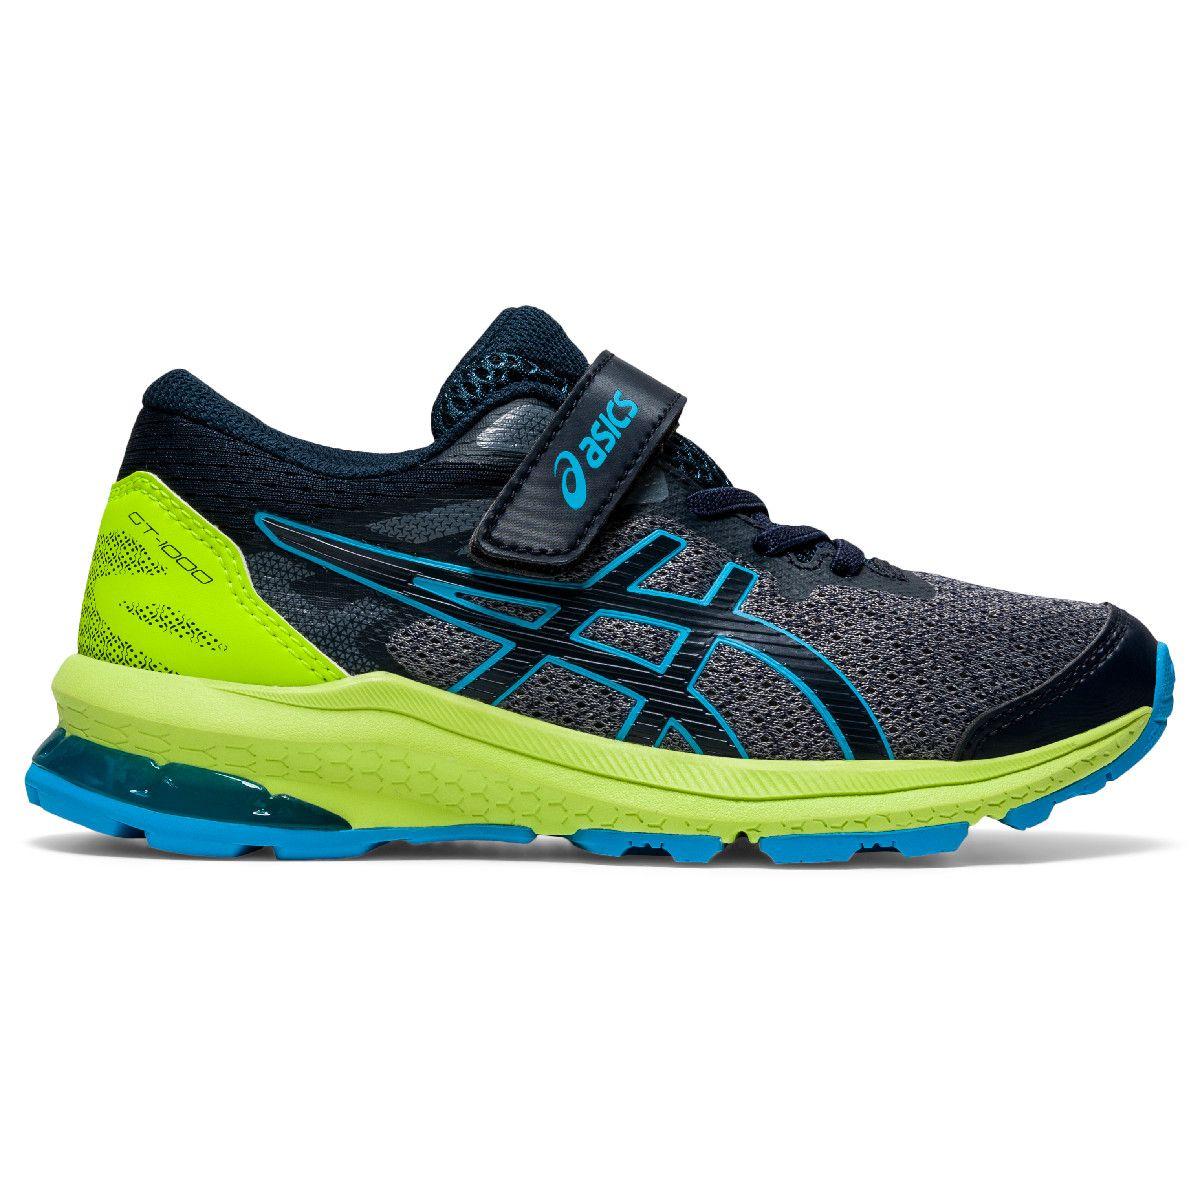 Asics GT-1000 10 Junior Running Shoes (PS)